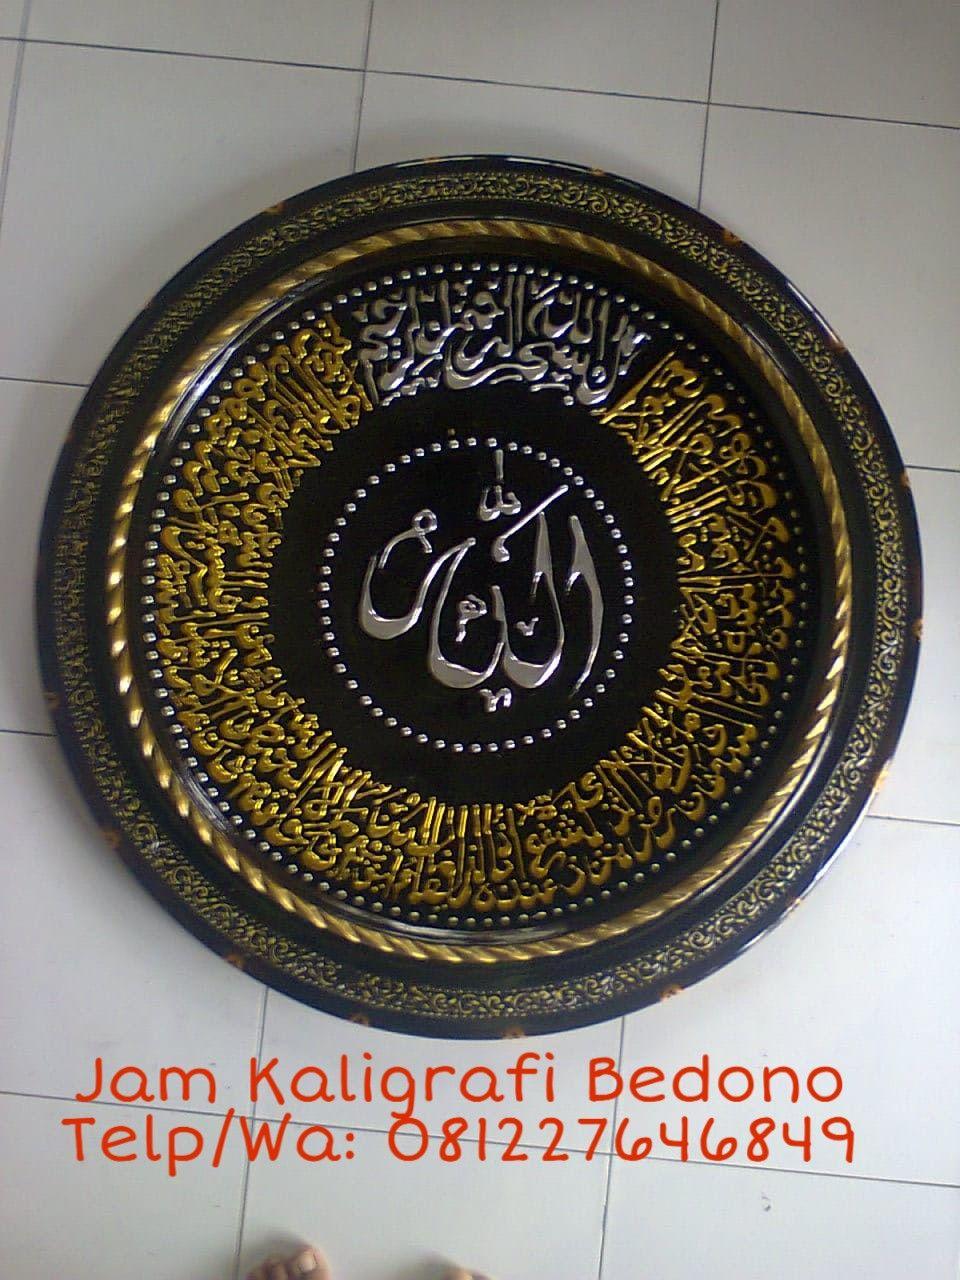 Terbaik Wa 62 812 2764 6849 Jual Jam Kaligrafi Prada Etalase Hiasan Kaligrafi Arab